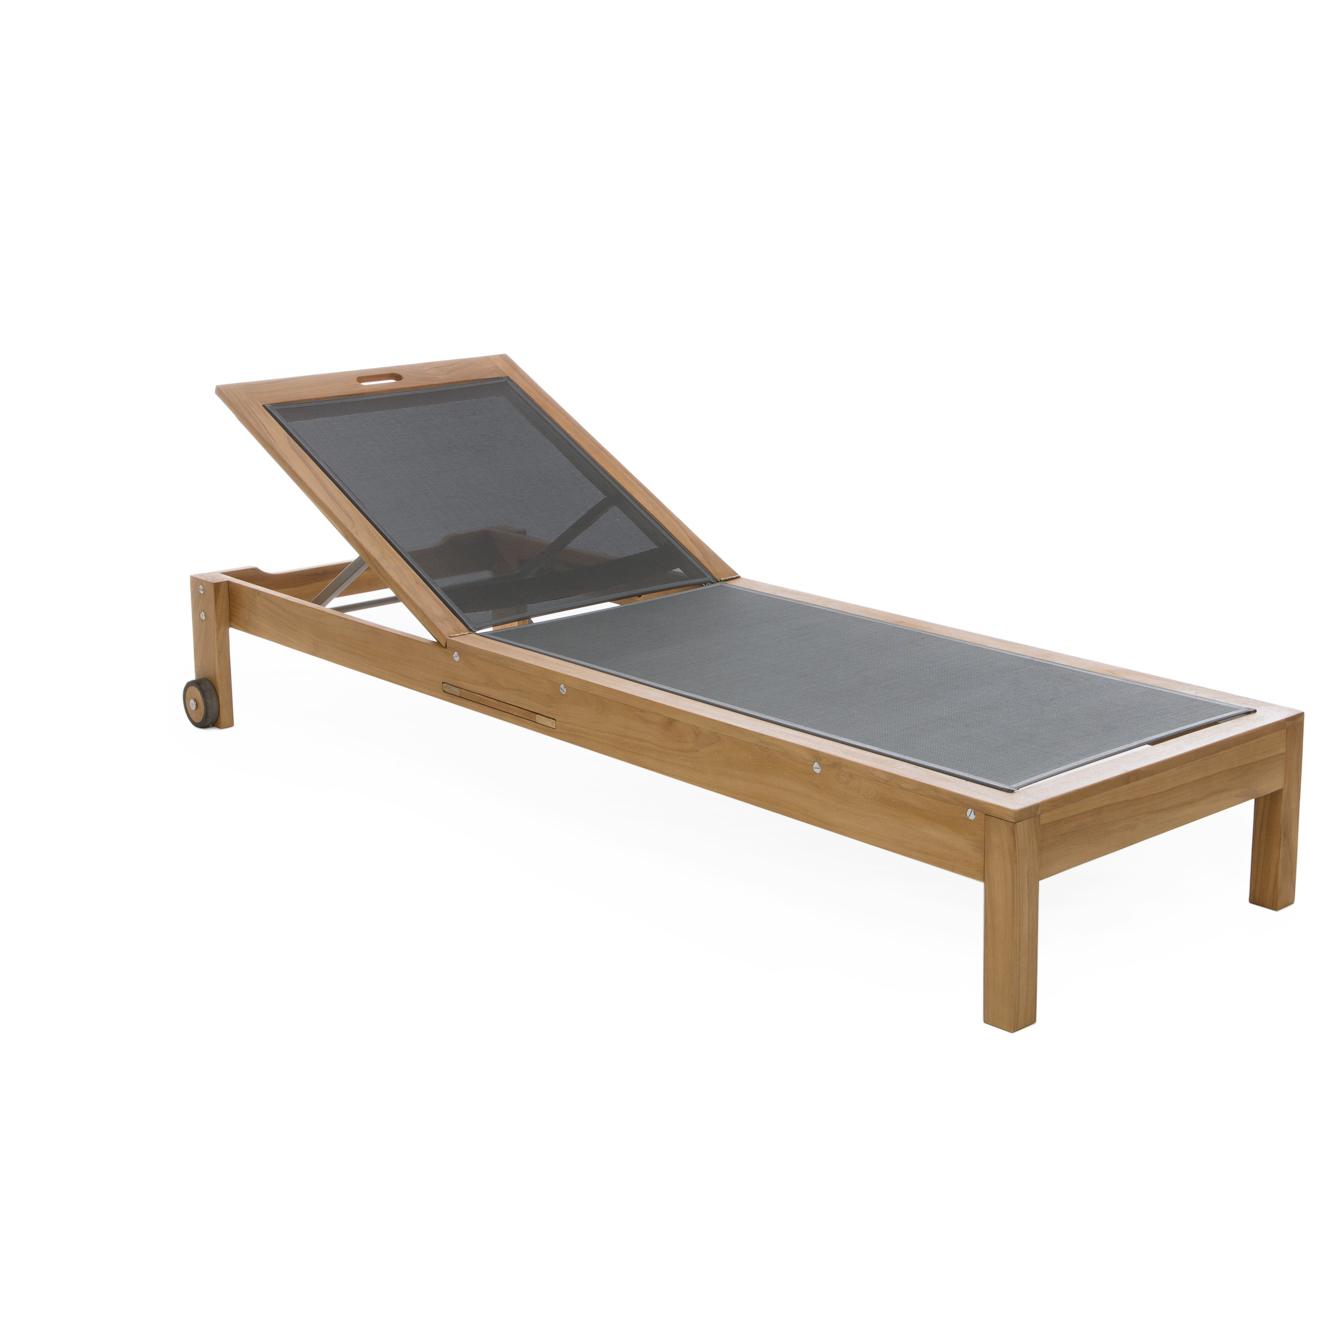 Chaises longues jardin design en image for Chaise longue jardin aldi